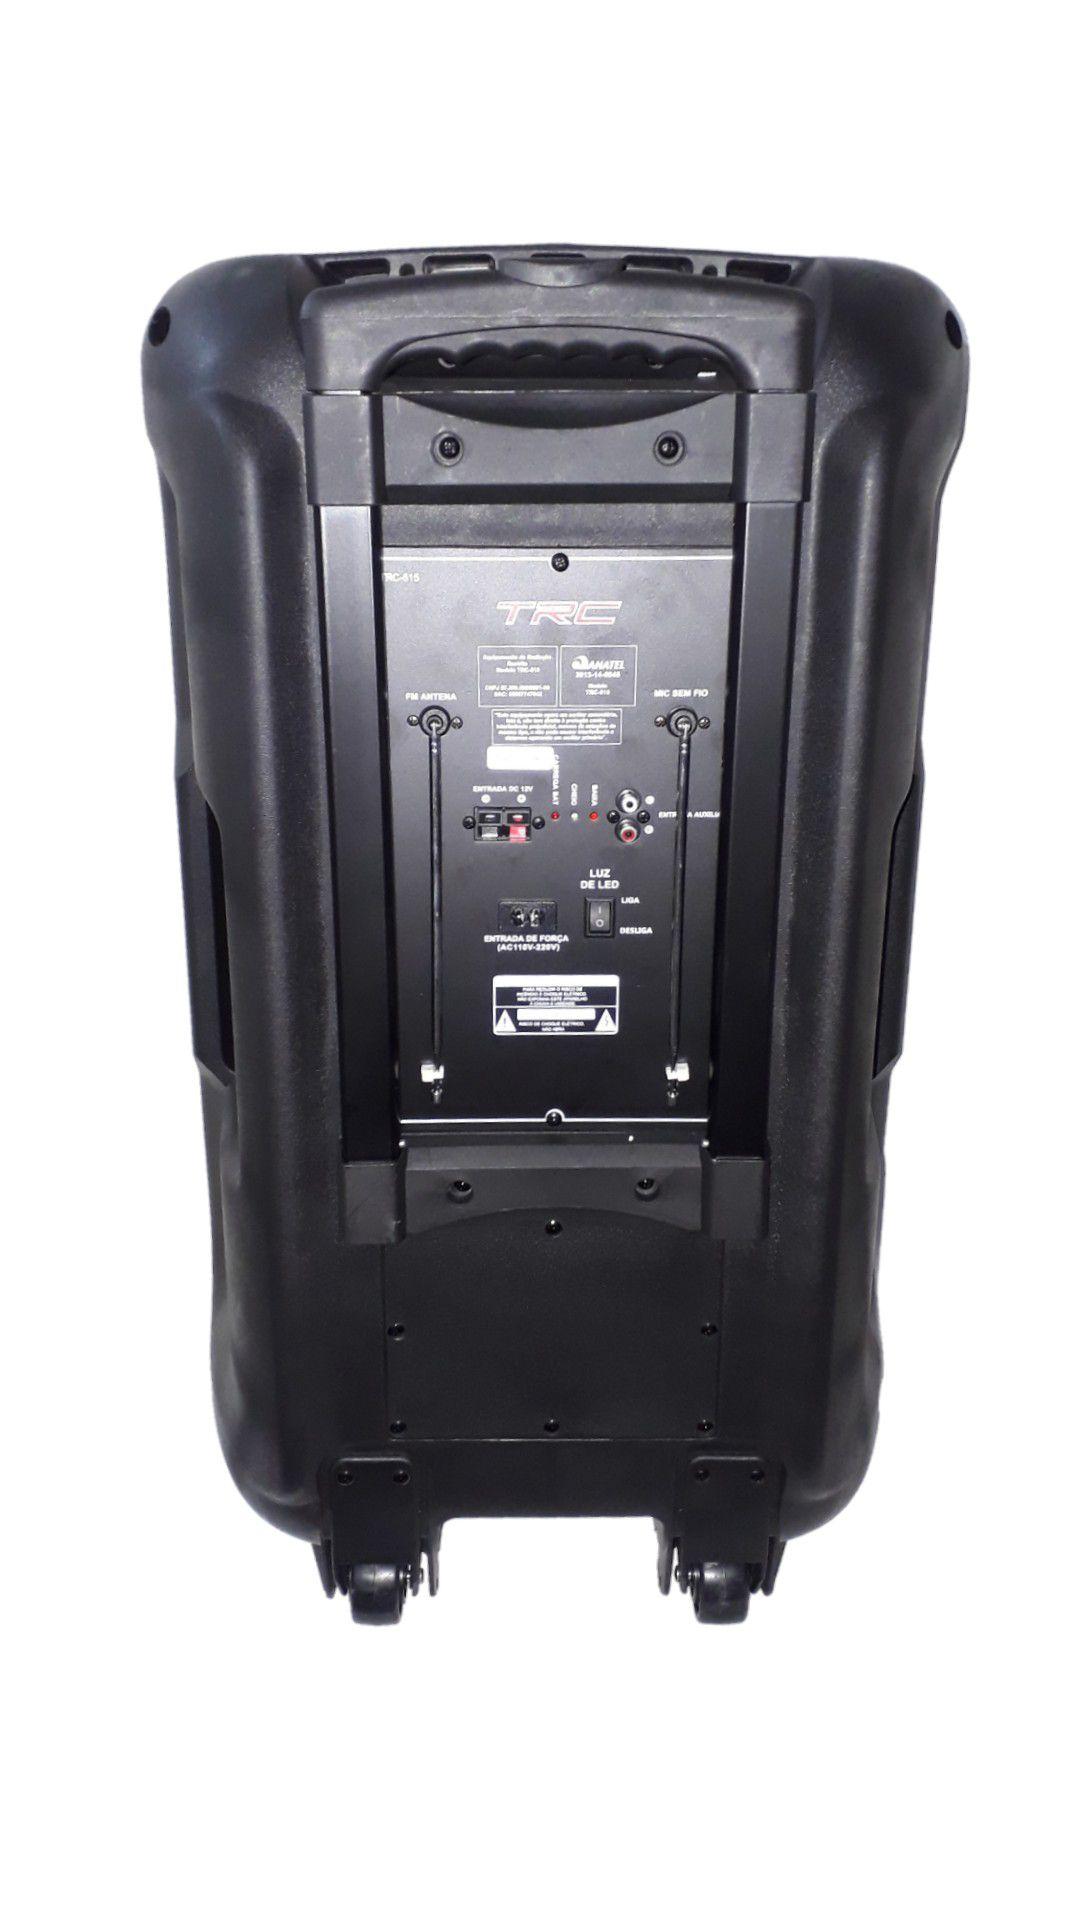 CAIXA AMPLIFICADA TRC 515 BLUETOOTH, USB/SD/FM,4ENTRADAS,1MICROFONE S/FIO, FALANTE15',BATERIA12V RODA ATIVA, C/CONTROLE REMOTO 500W REF